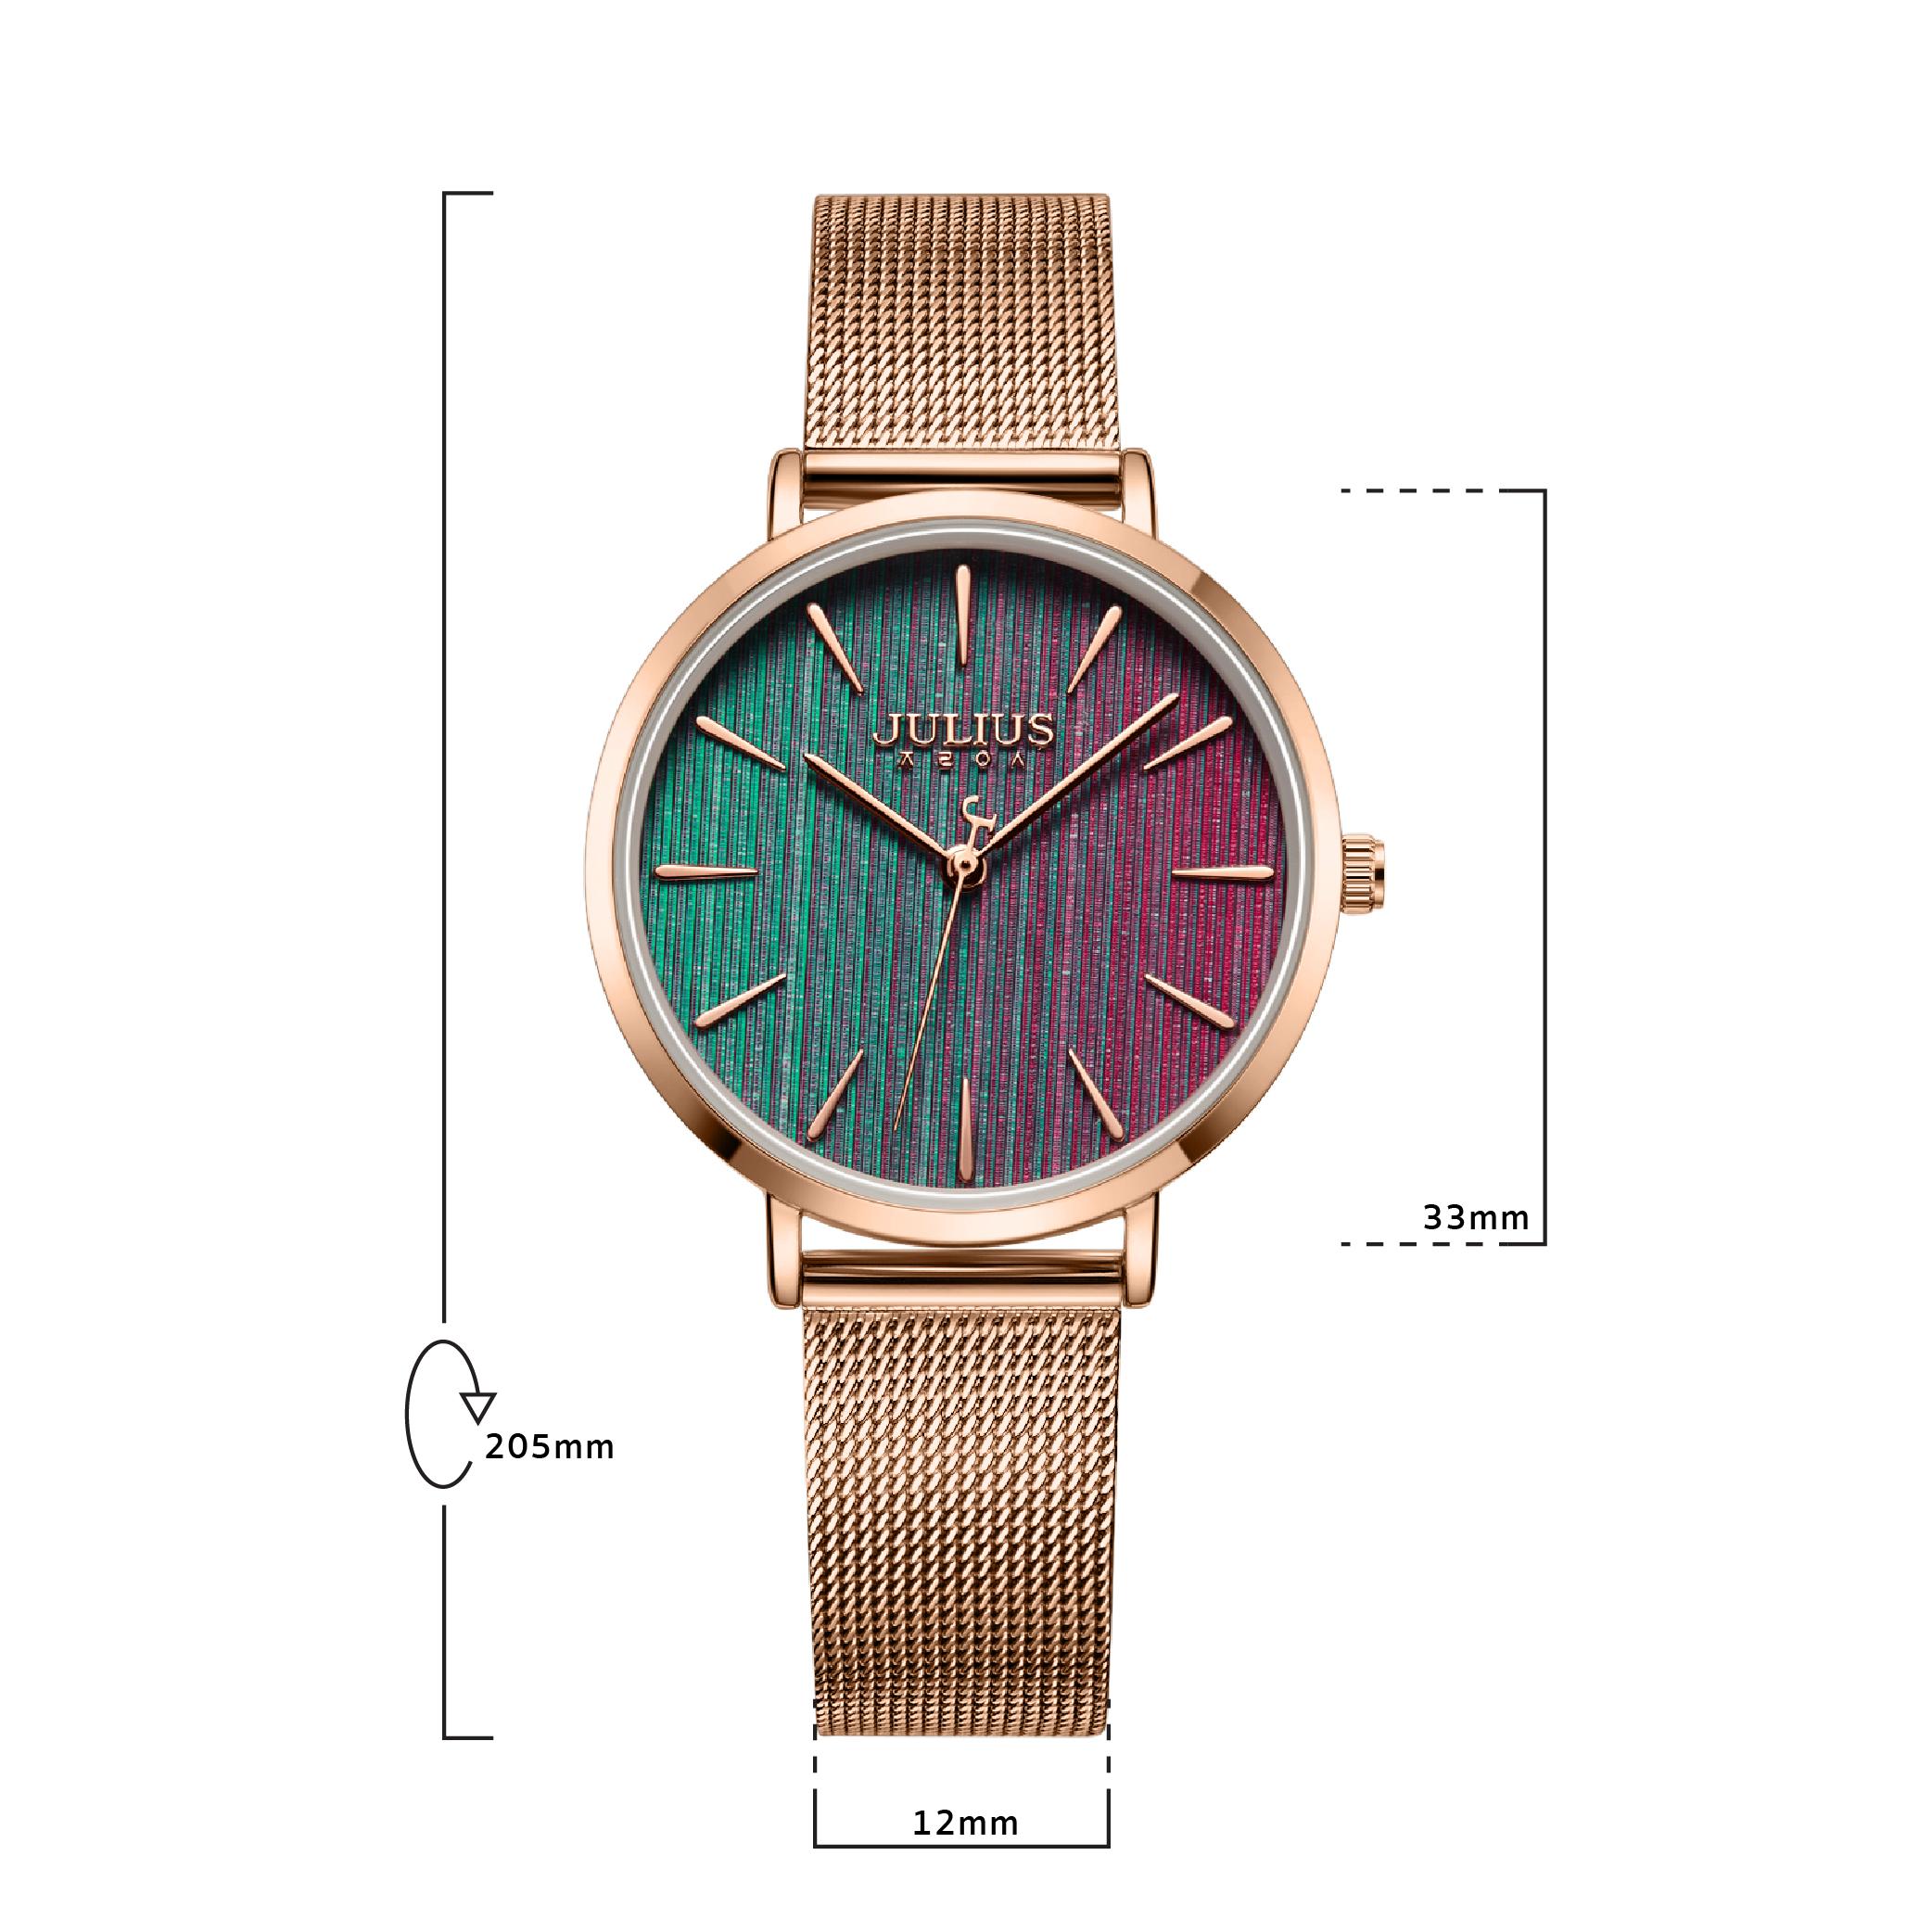 นาฬิกาข้อมือผู้หญิง JULIUS JA-1198 B